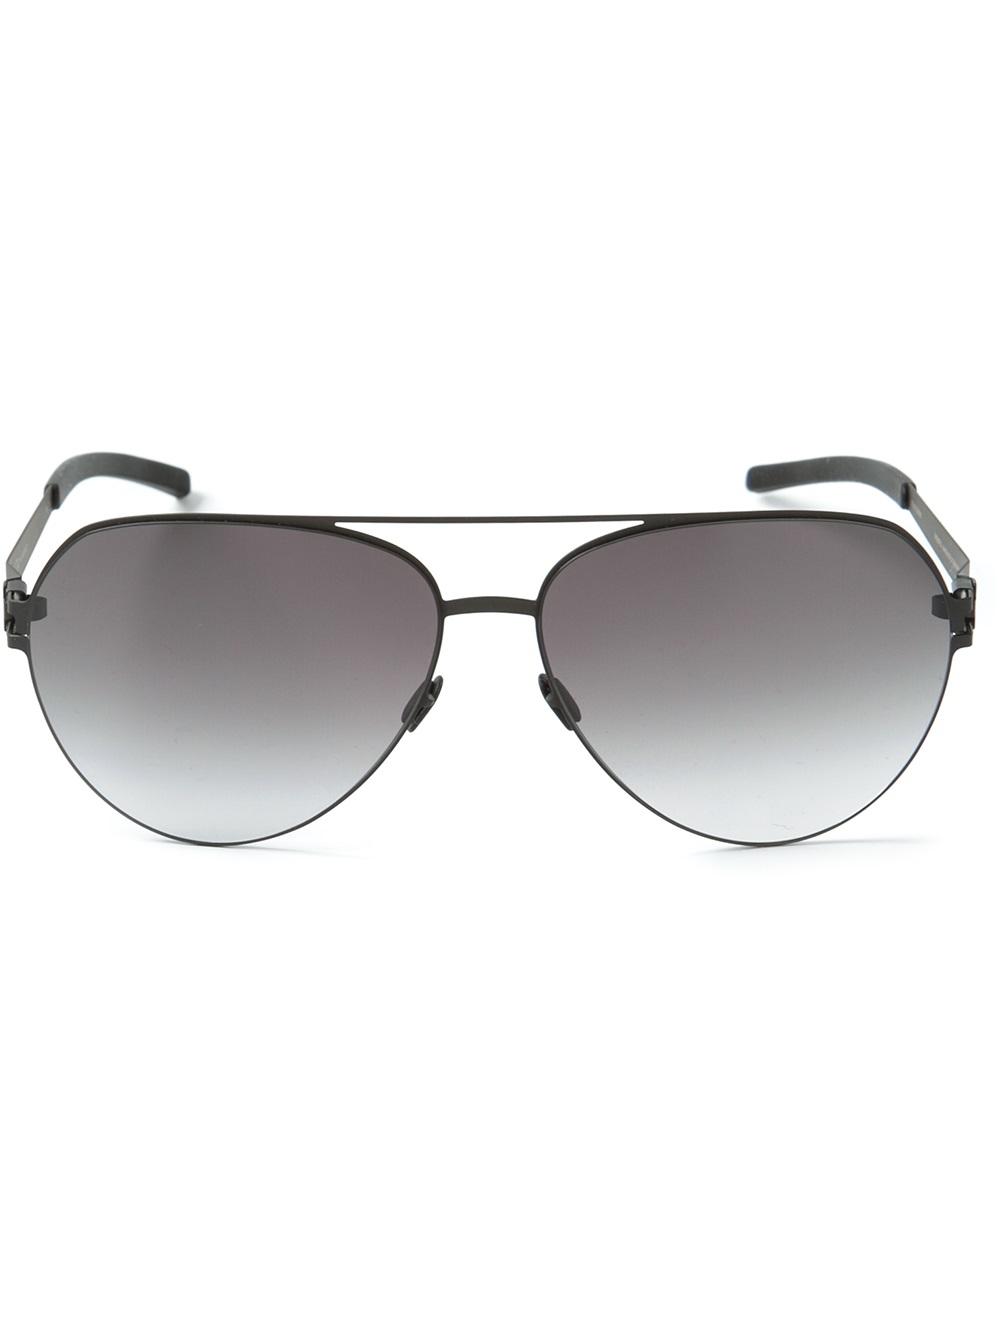 Mykita 'sly' Sunglasses in Black for Men